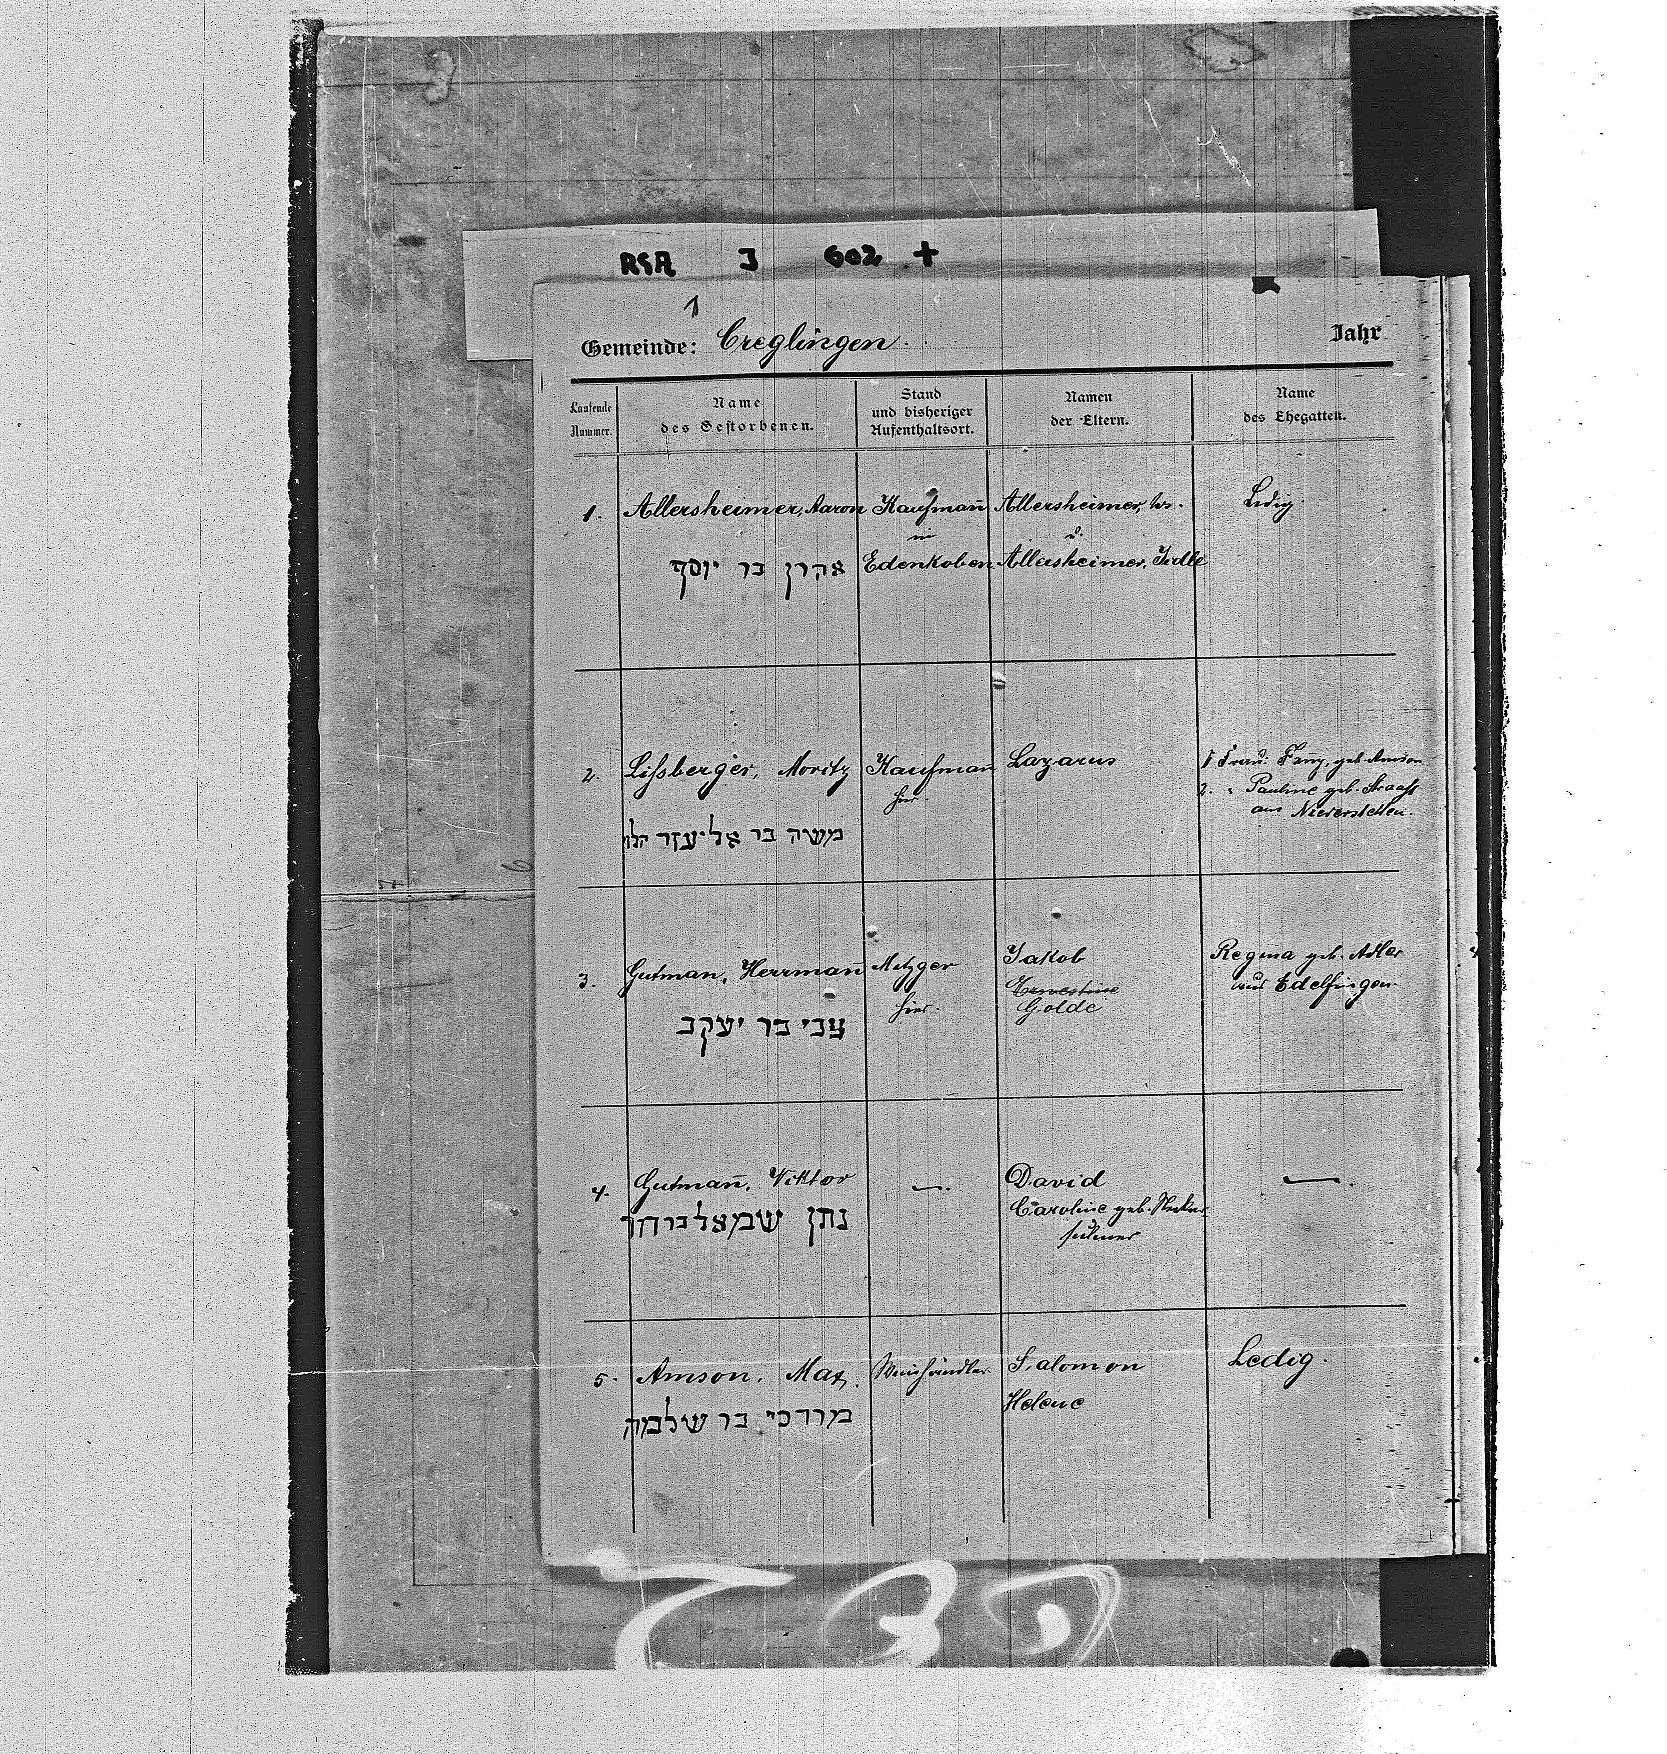 Creglingen, Bild 2